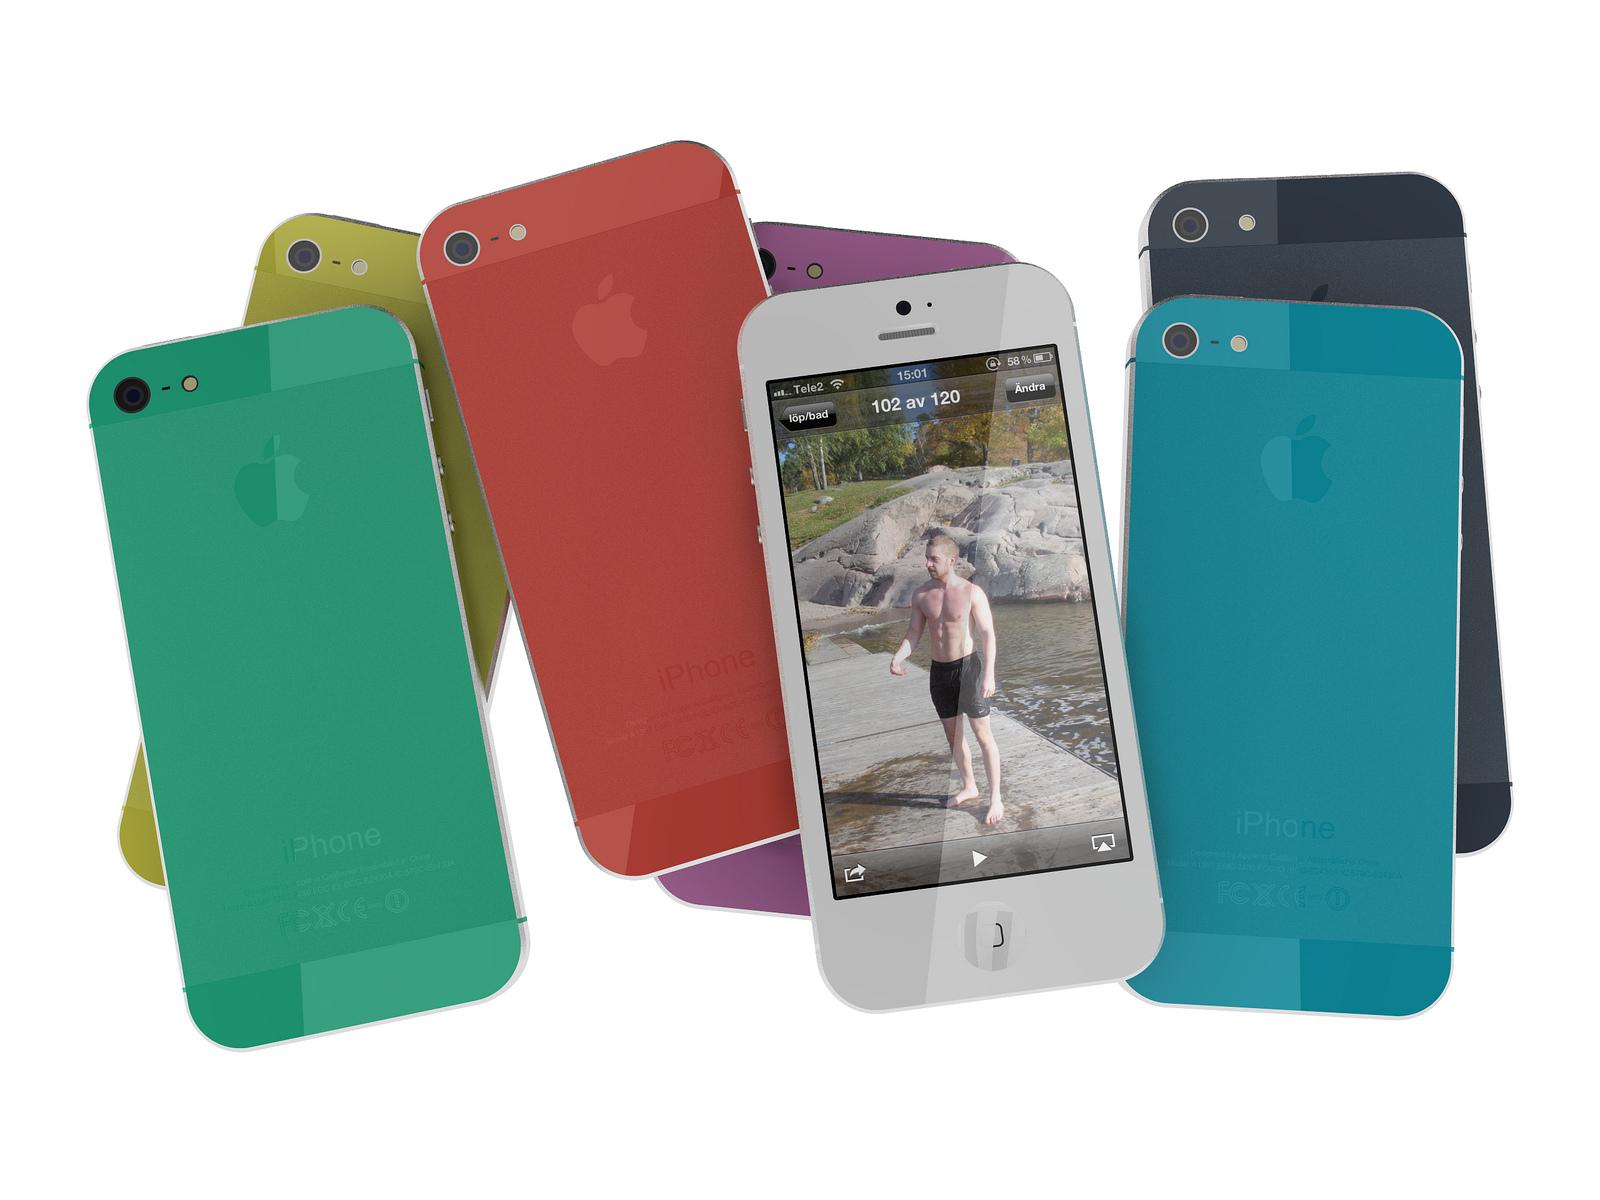 Разноцветные iPhone 5S с разными размерами экрана в июне